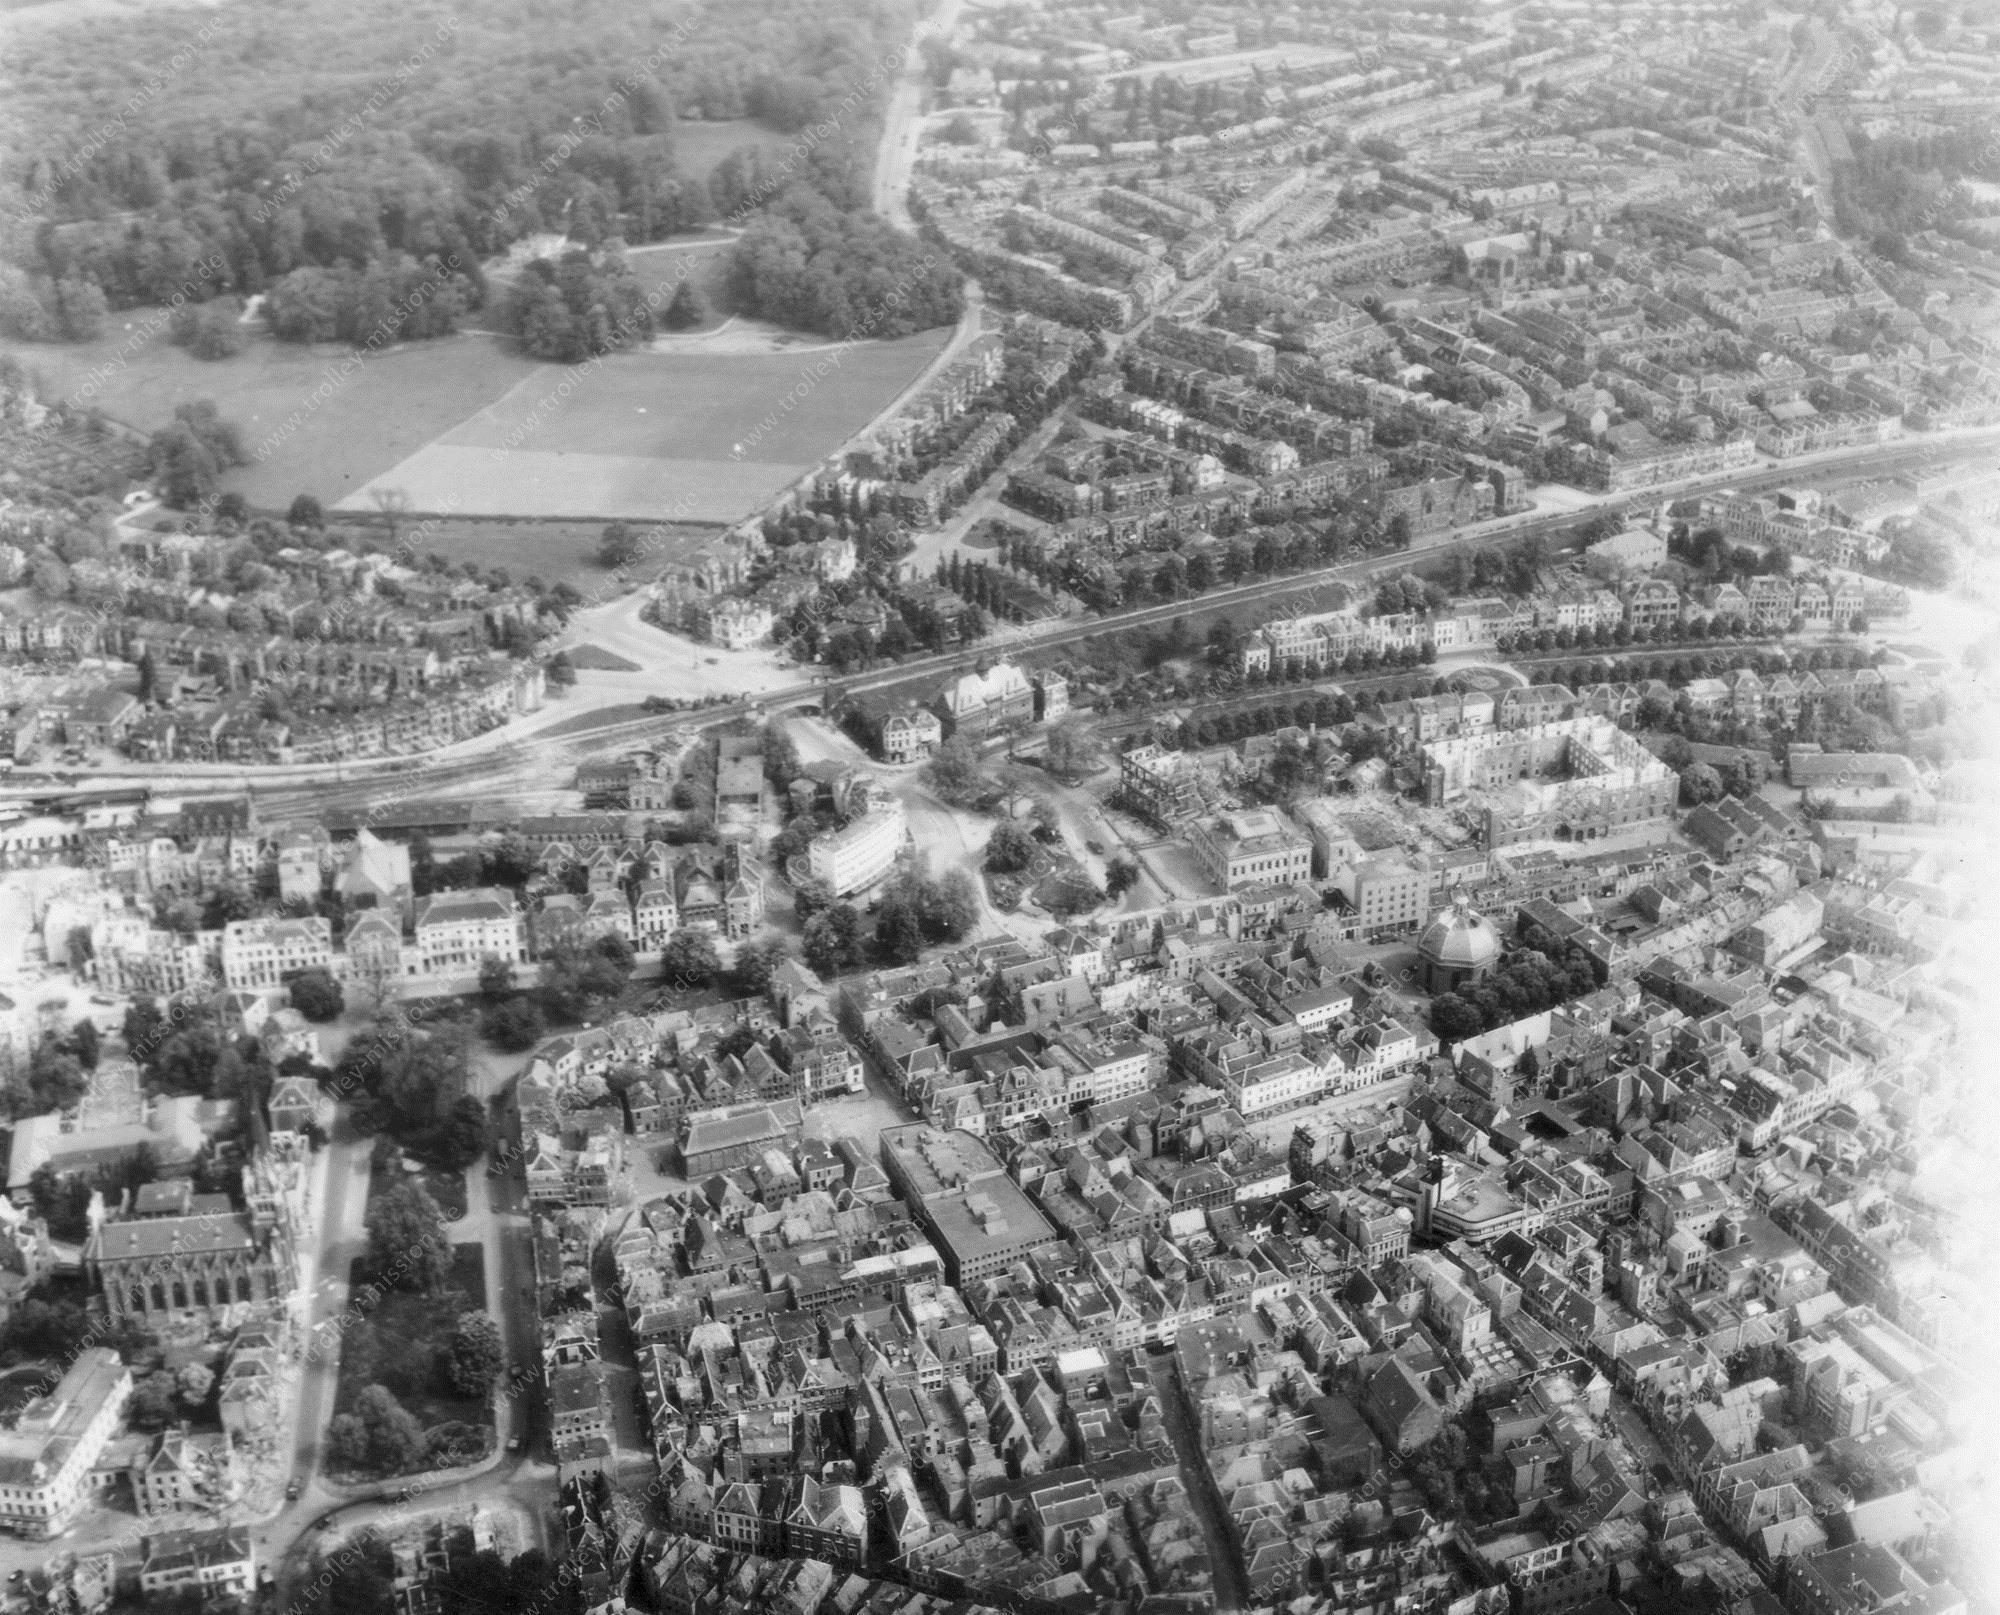 Arnheim 1945 - Luftbild der Willemskazerne nach der Zerstörung im Weltkrieg (Niederlande)